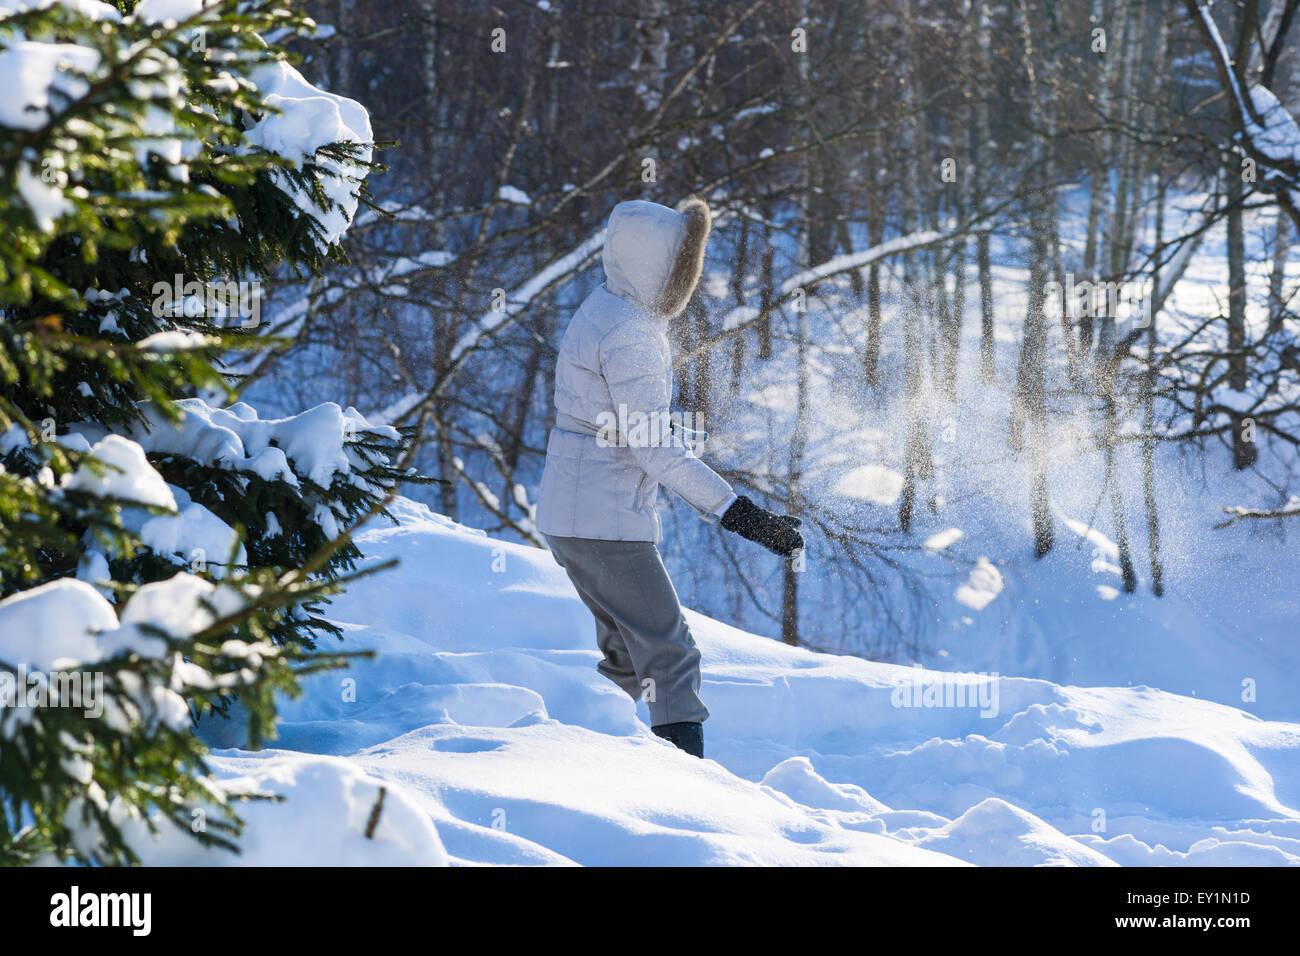 Femme non identifiée, méconnaissable de neige joue dans la forêt d'hiver. Poudre de neige dans Photo Stock